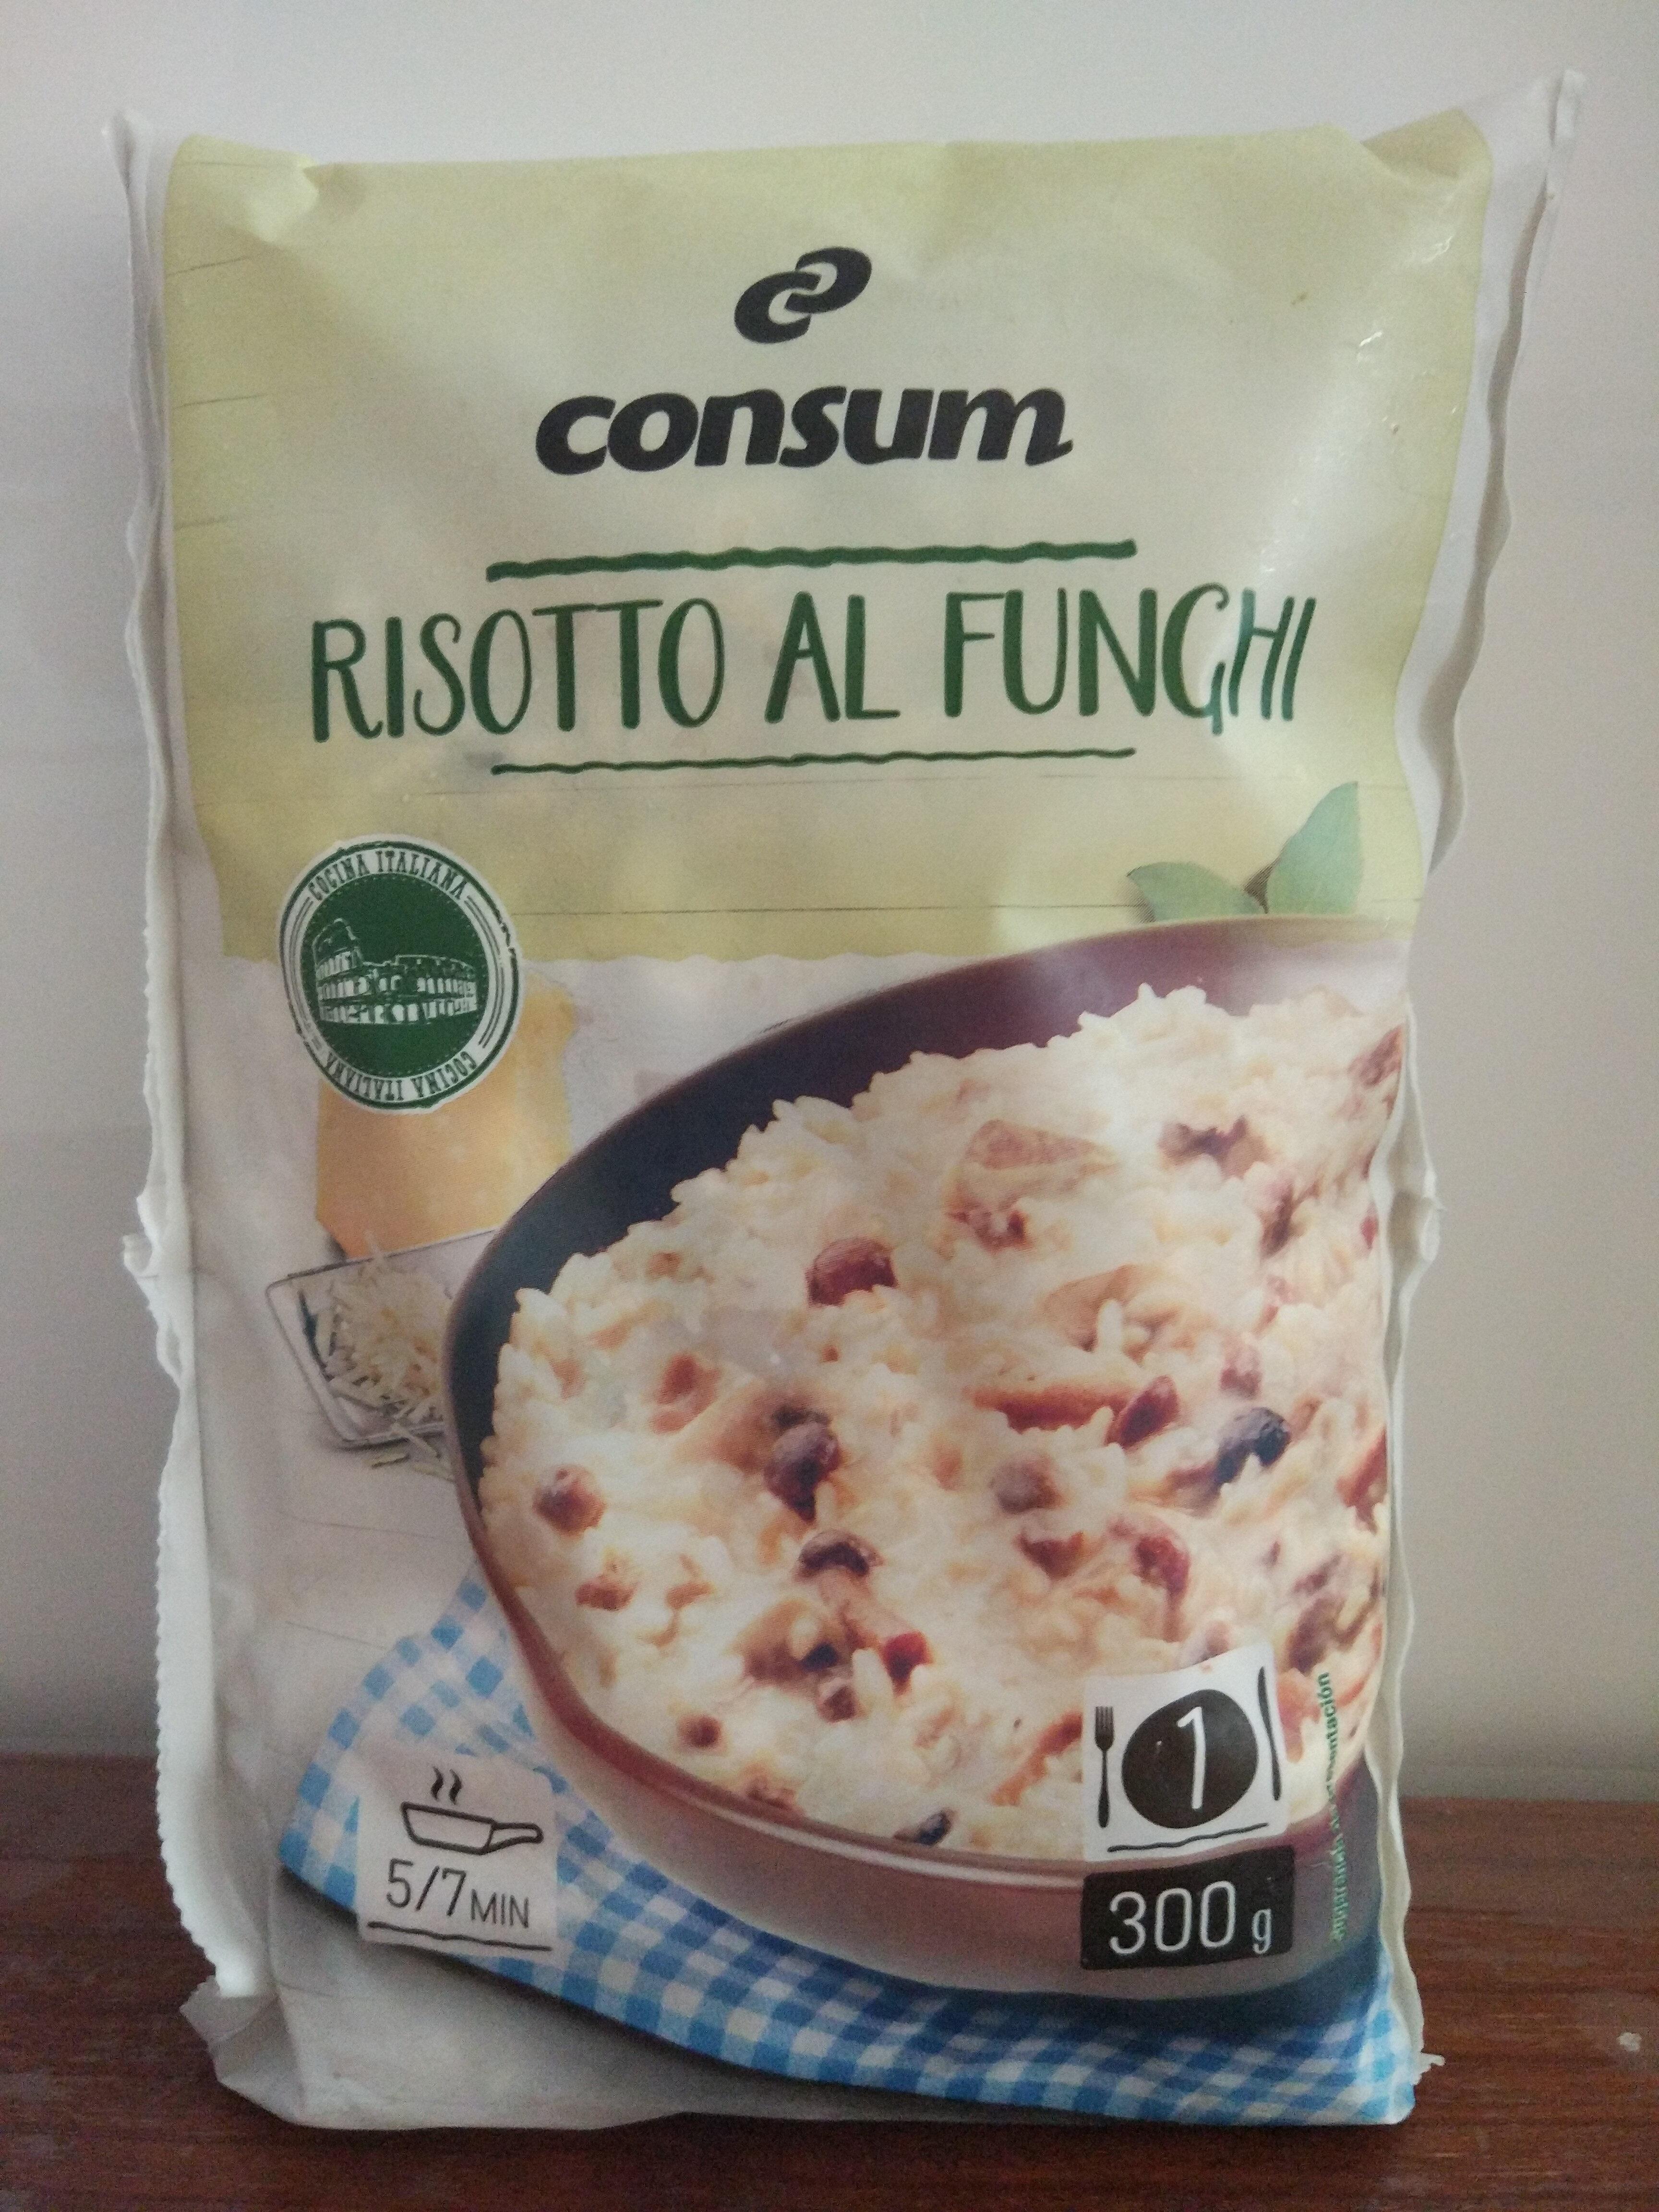 Risotto al funghi - Product - es